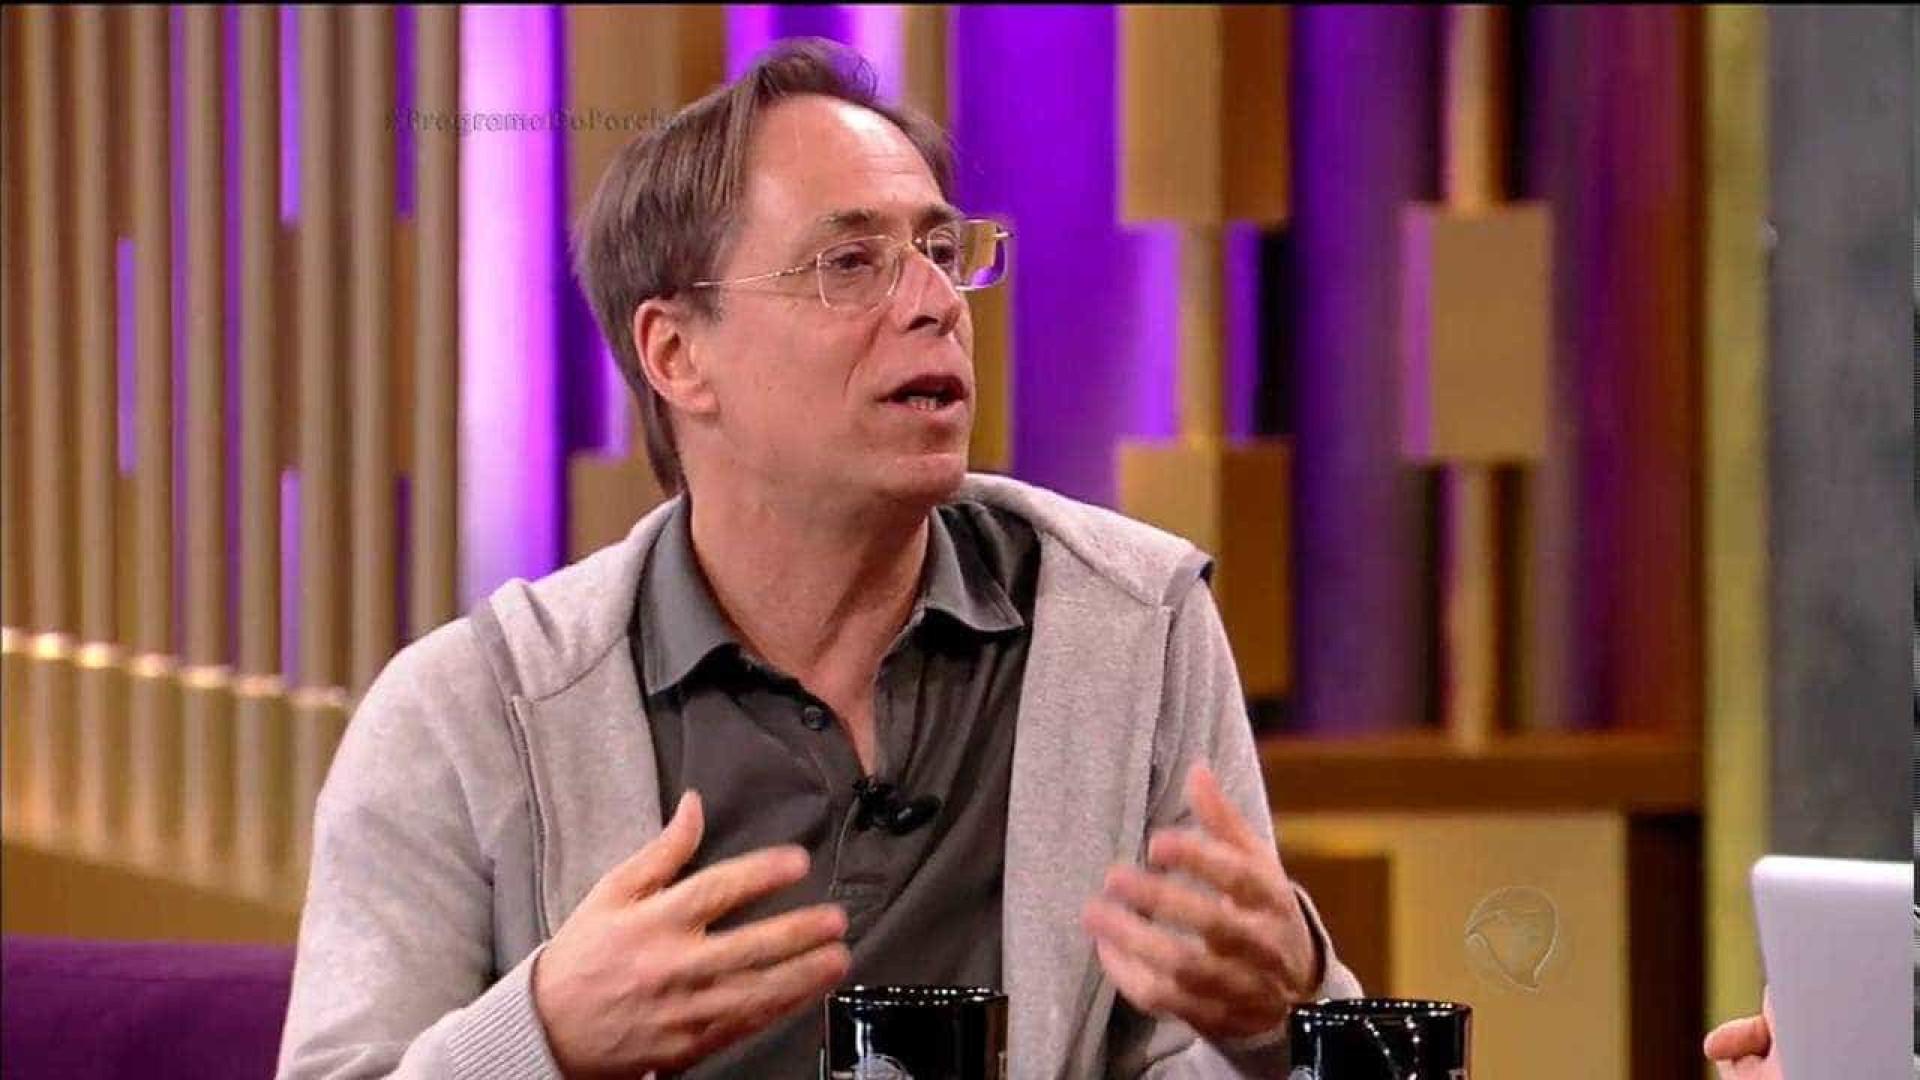 'Muita celebridade querendo ser presidente', diz Pedro Cardoso